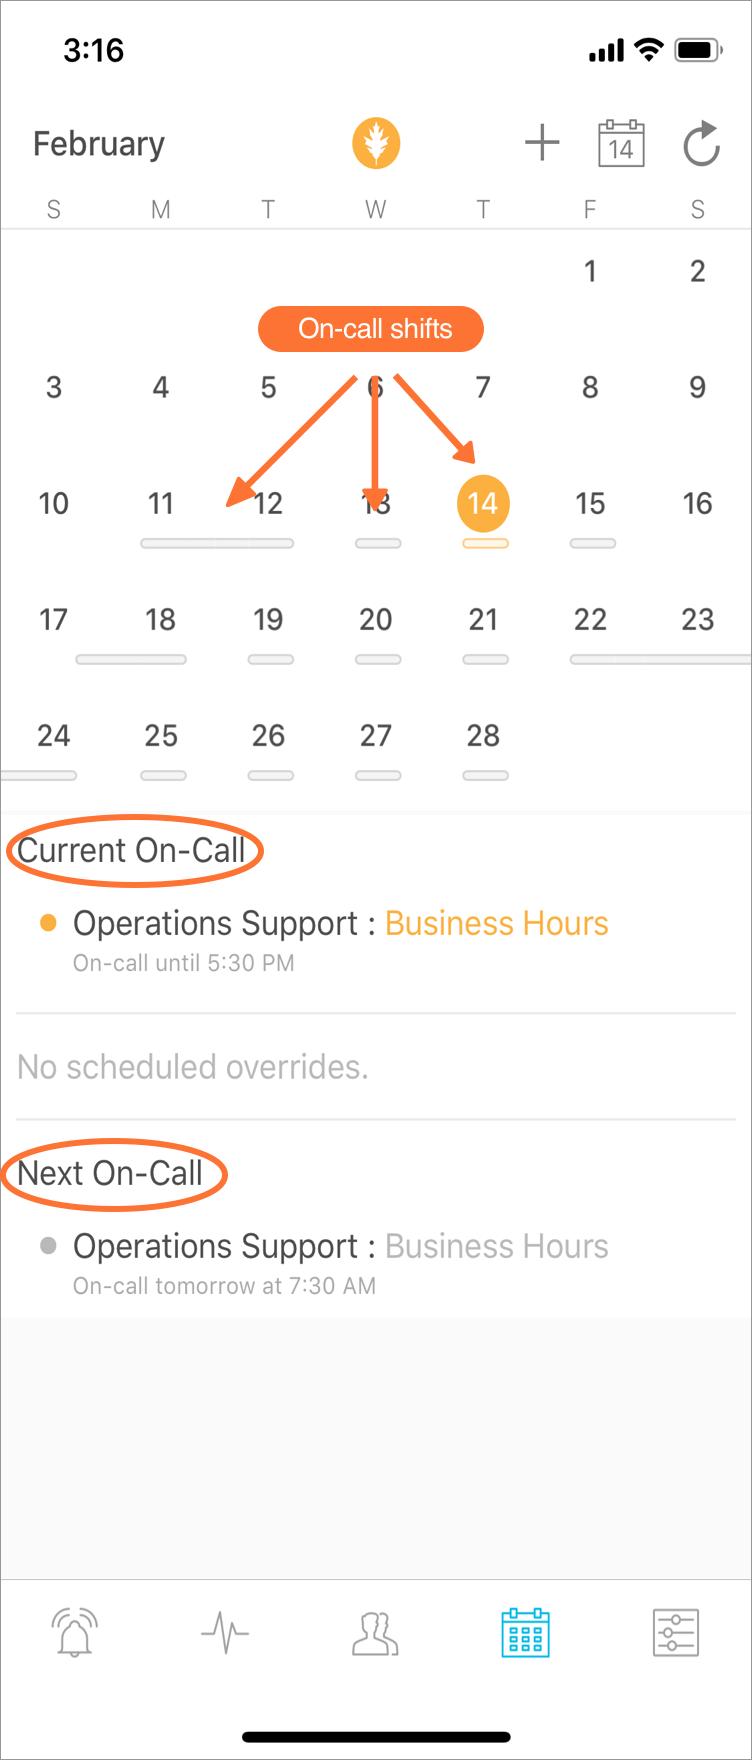 Mobile App - My Schedule & Scheduled Overrides   VictorOps